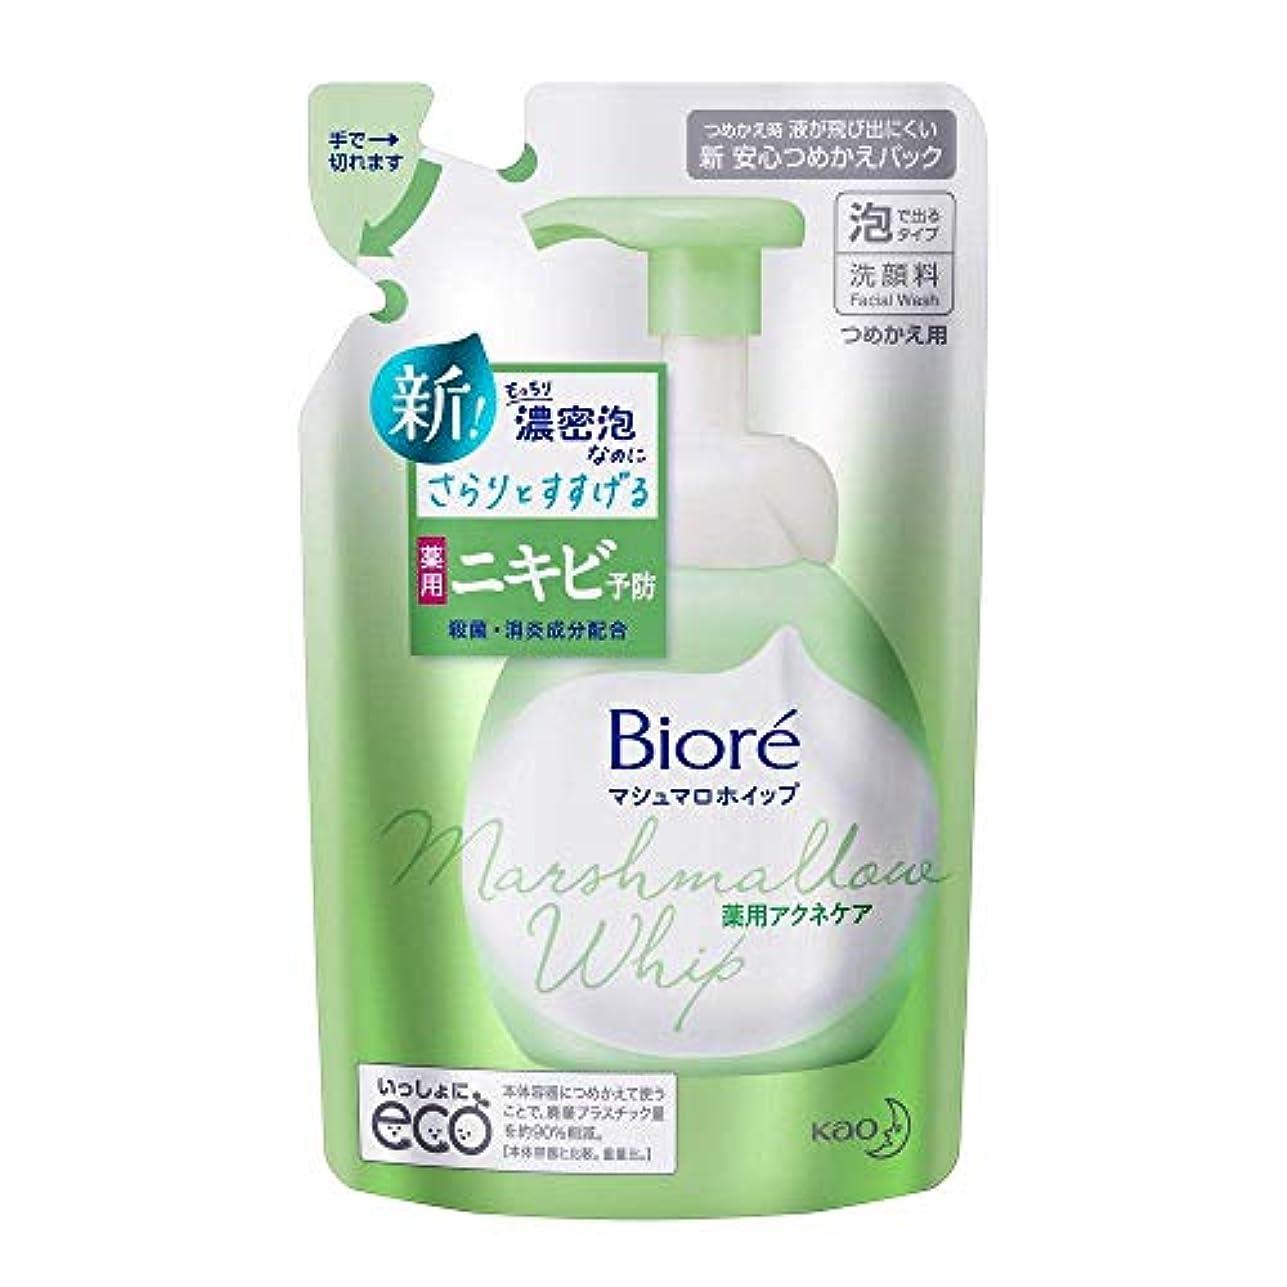 【花王】ビオレ マシュマロホイップ 薬用アクネケア 詰替用 130mL ×20個セット